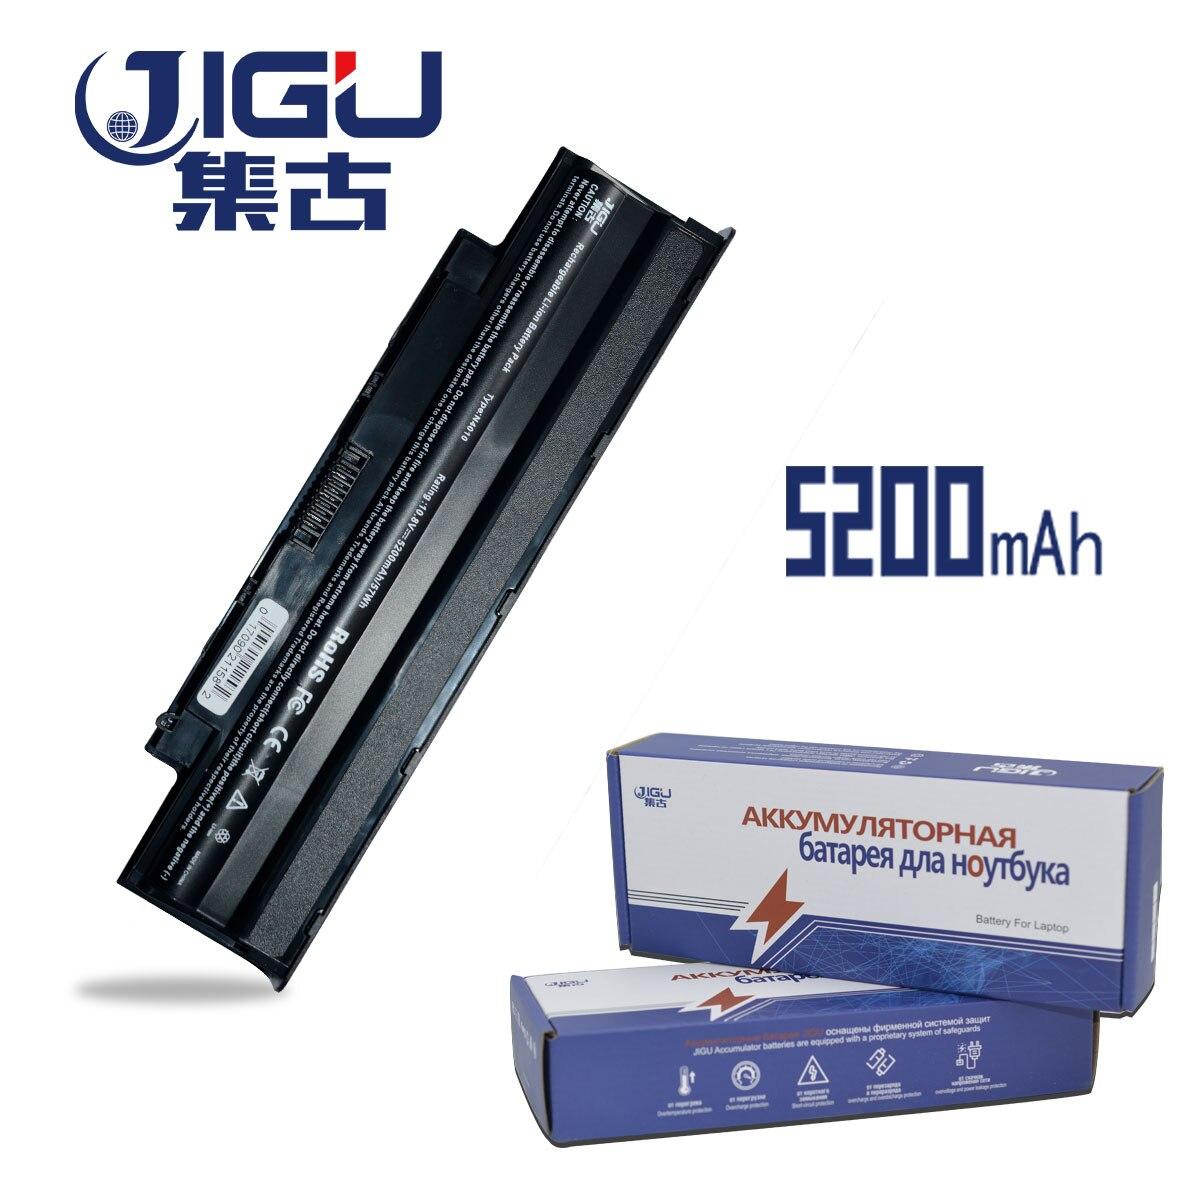 JIGU Battery For Dell Inspiron N5110 M501 M501R M511R N3010 N3110 N4010 N4050 N4110 N5010 N5010D N5110 N7010 N7110 j1knd